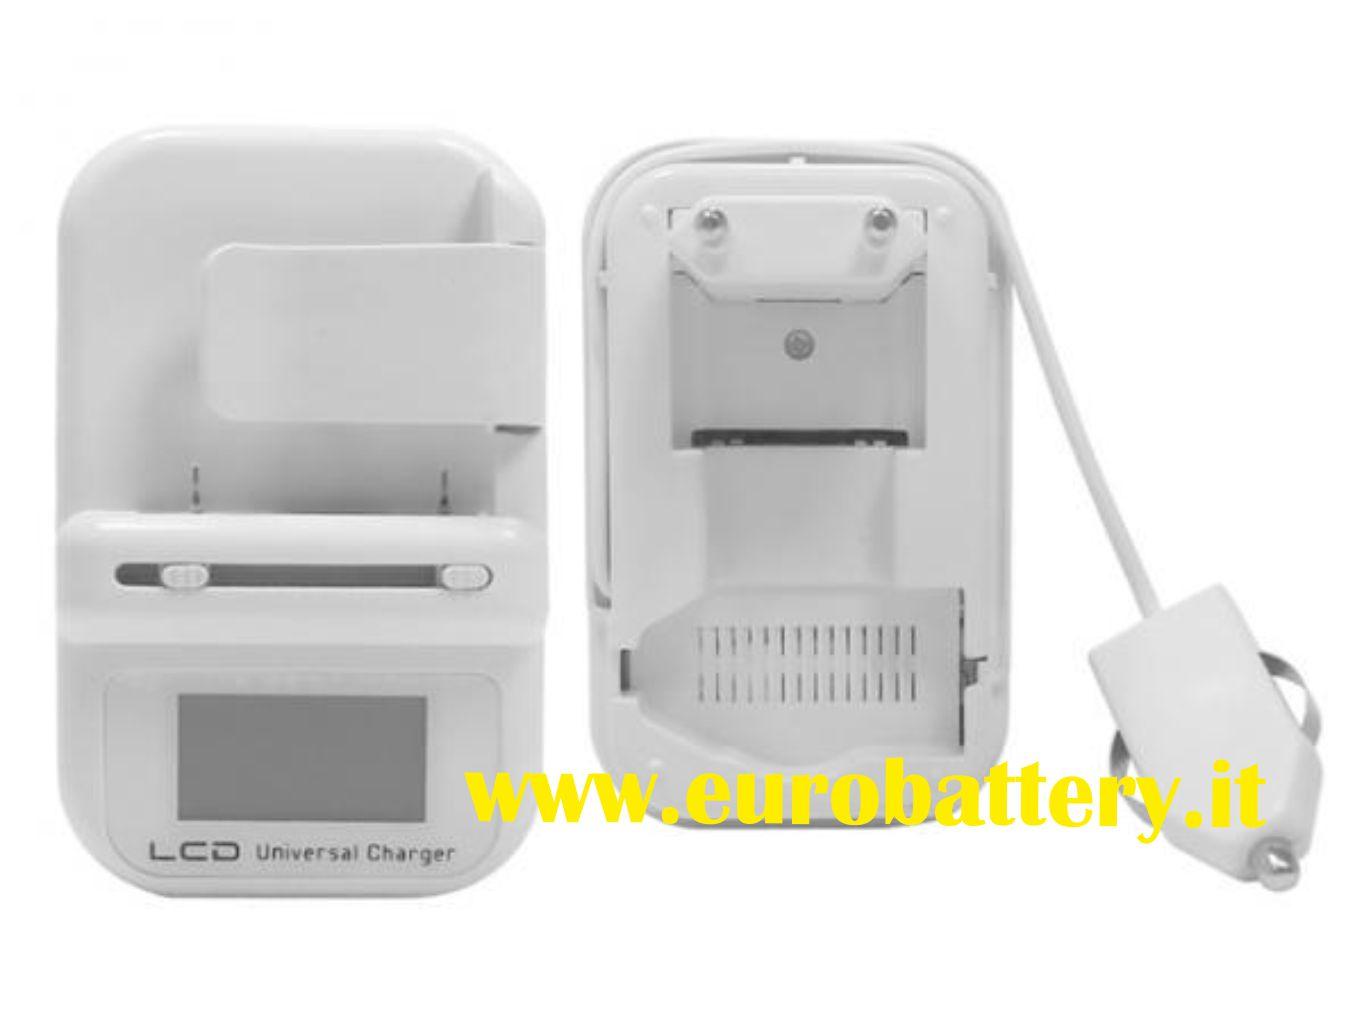 http://www.eurobattery.it/Foto-ebay/chk/LCD-UNI/wnc-0013-1-.jpg